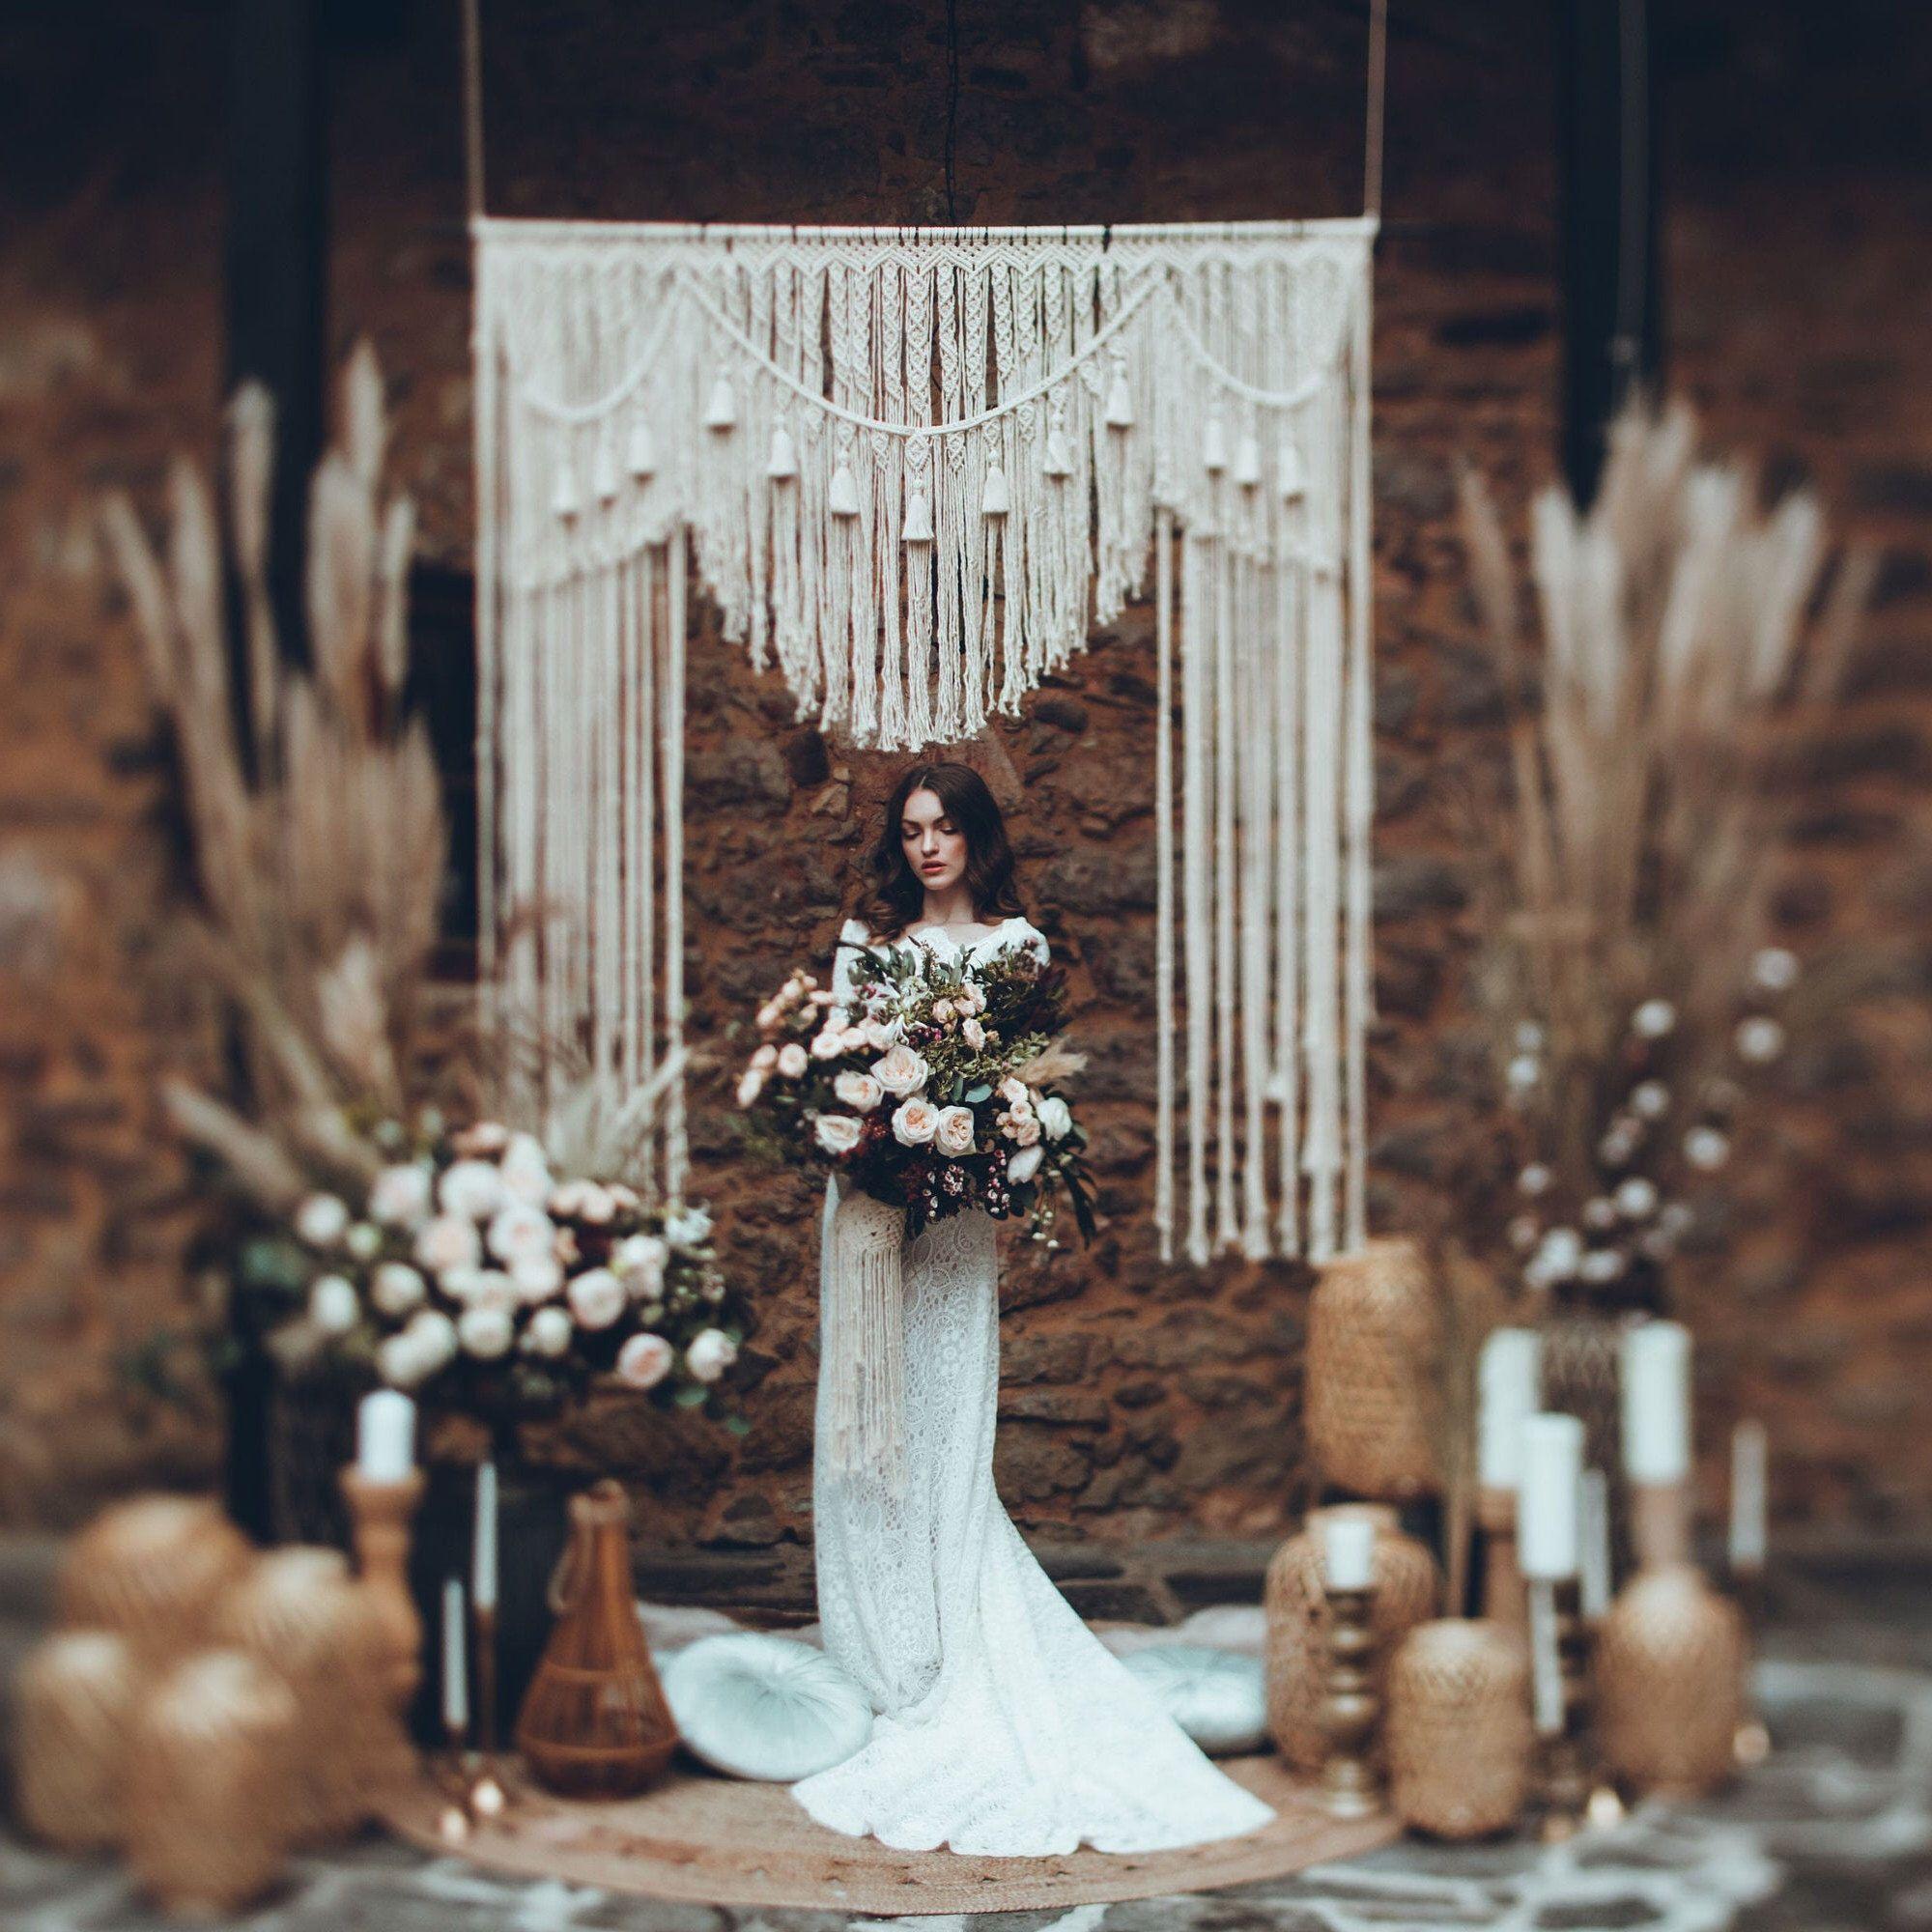 Macrame Wedding Backdrop Wedding Decor Boho Wedding Etsy Hochzeitskulisse Hochzeitsdekoration Boho Hochzeit